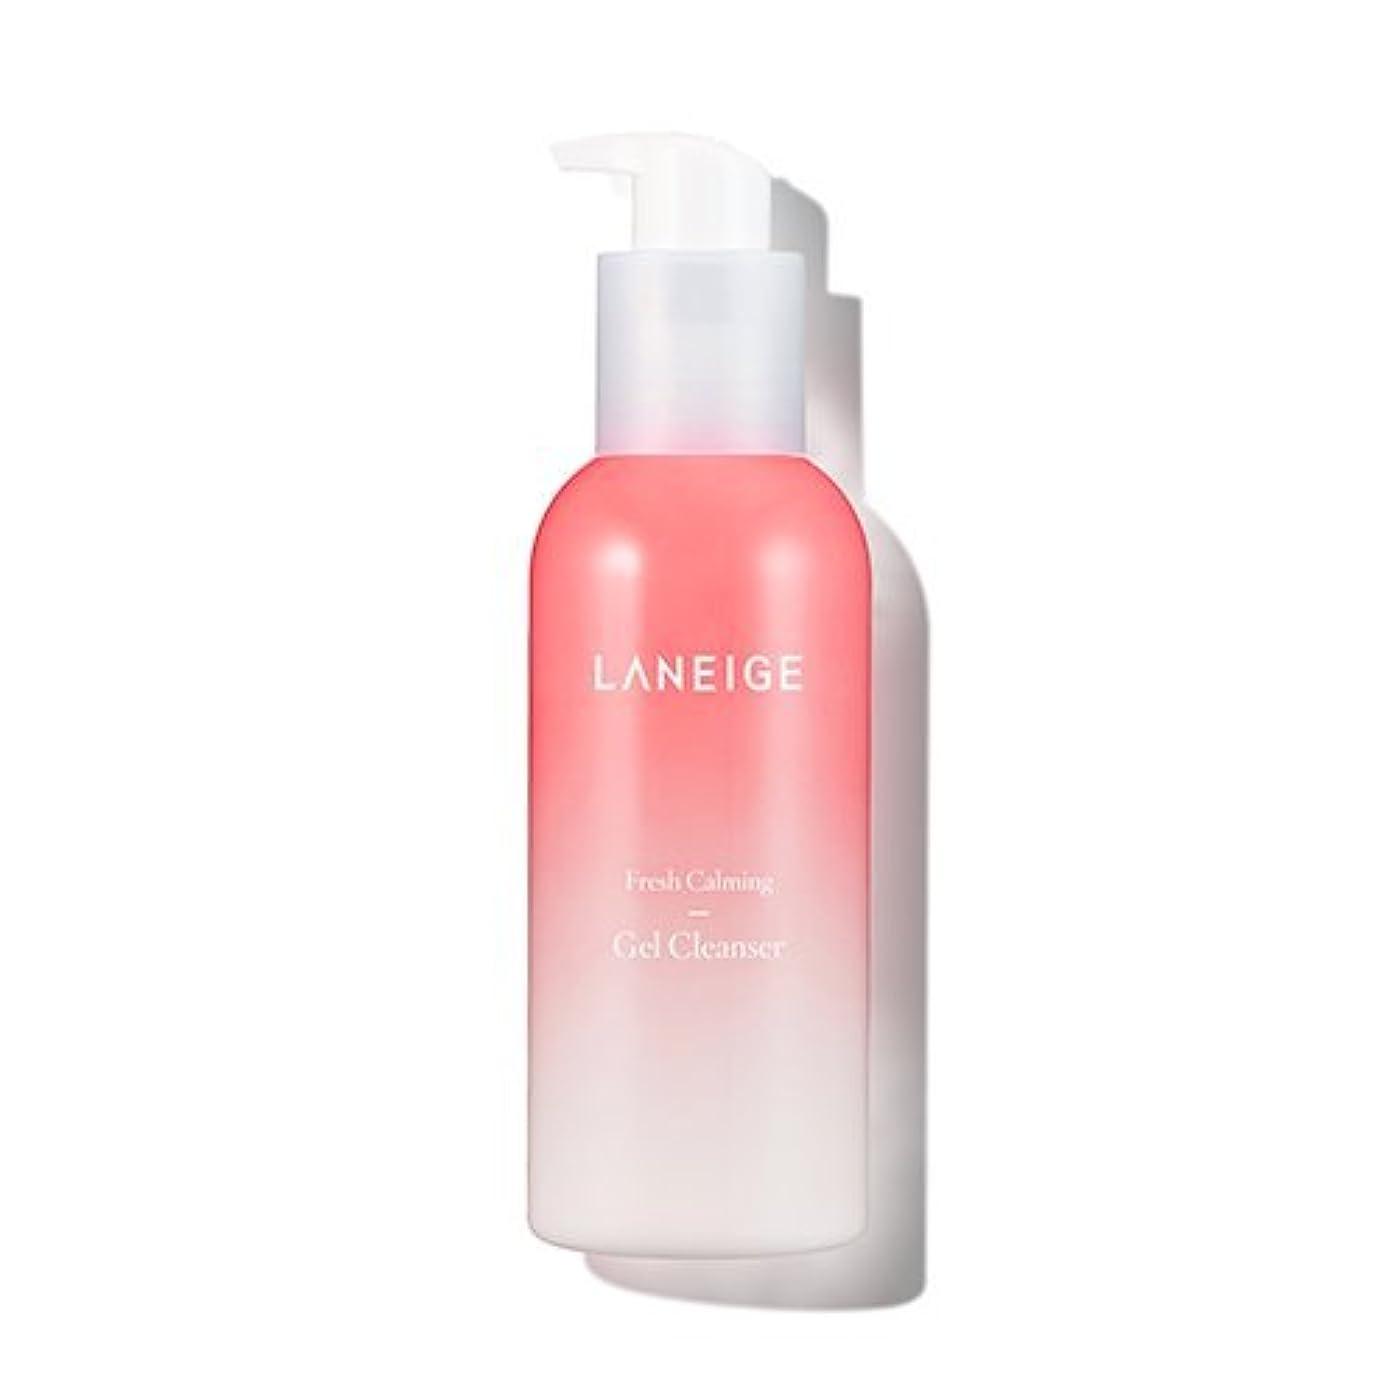 カヌー適用するパフ[New] LANEIGE Fresh Calming Gel Cleanser 230ml/ラネージュ フレッシュ カーミング ジェル クレンザー 230ml [並行輸入品]